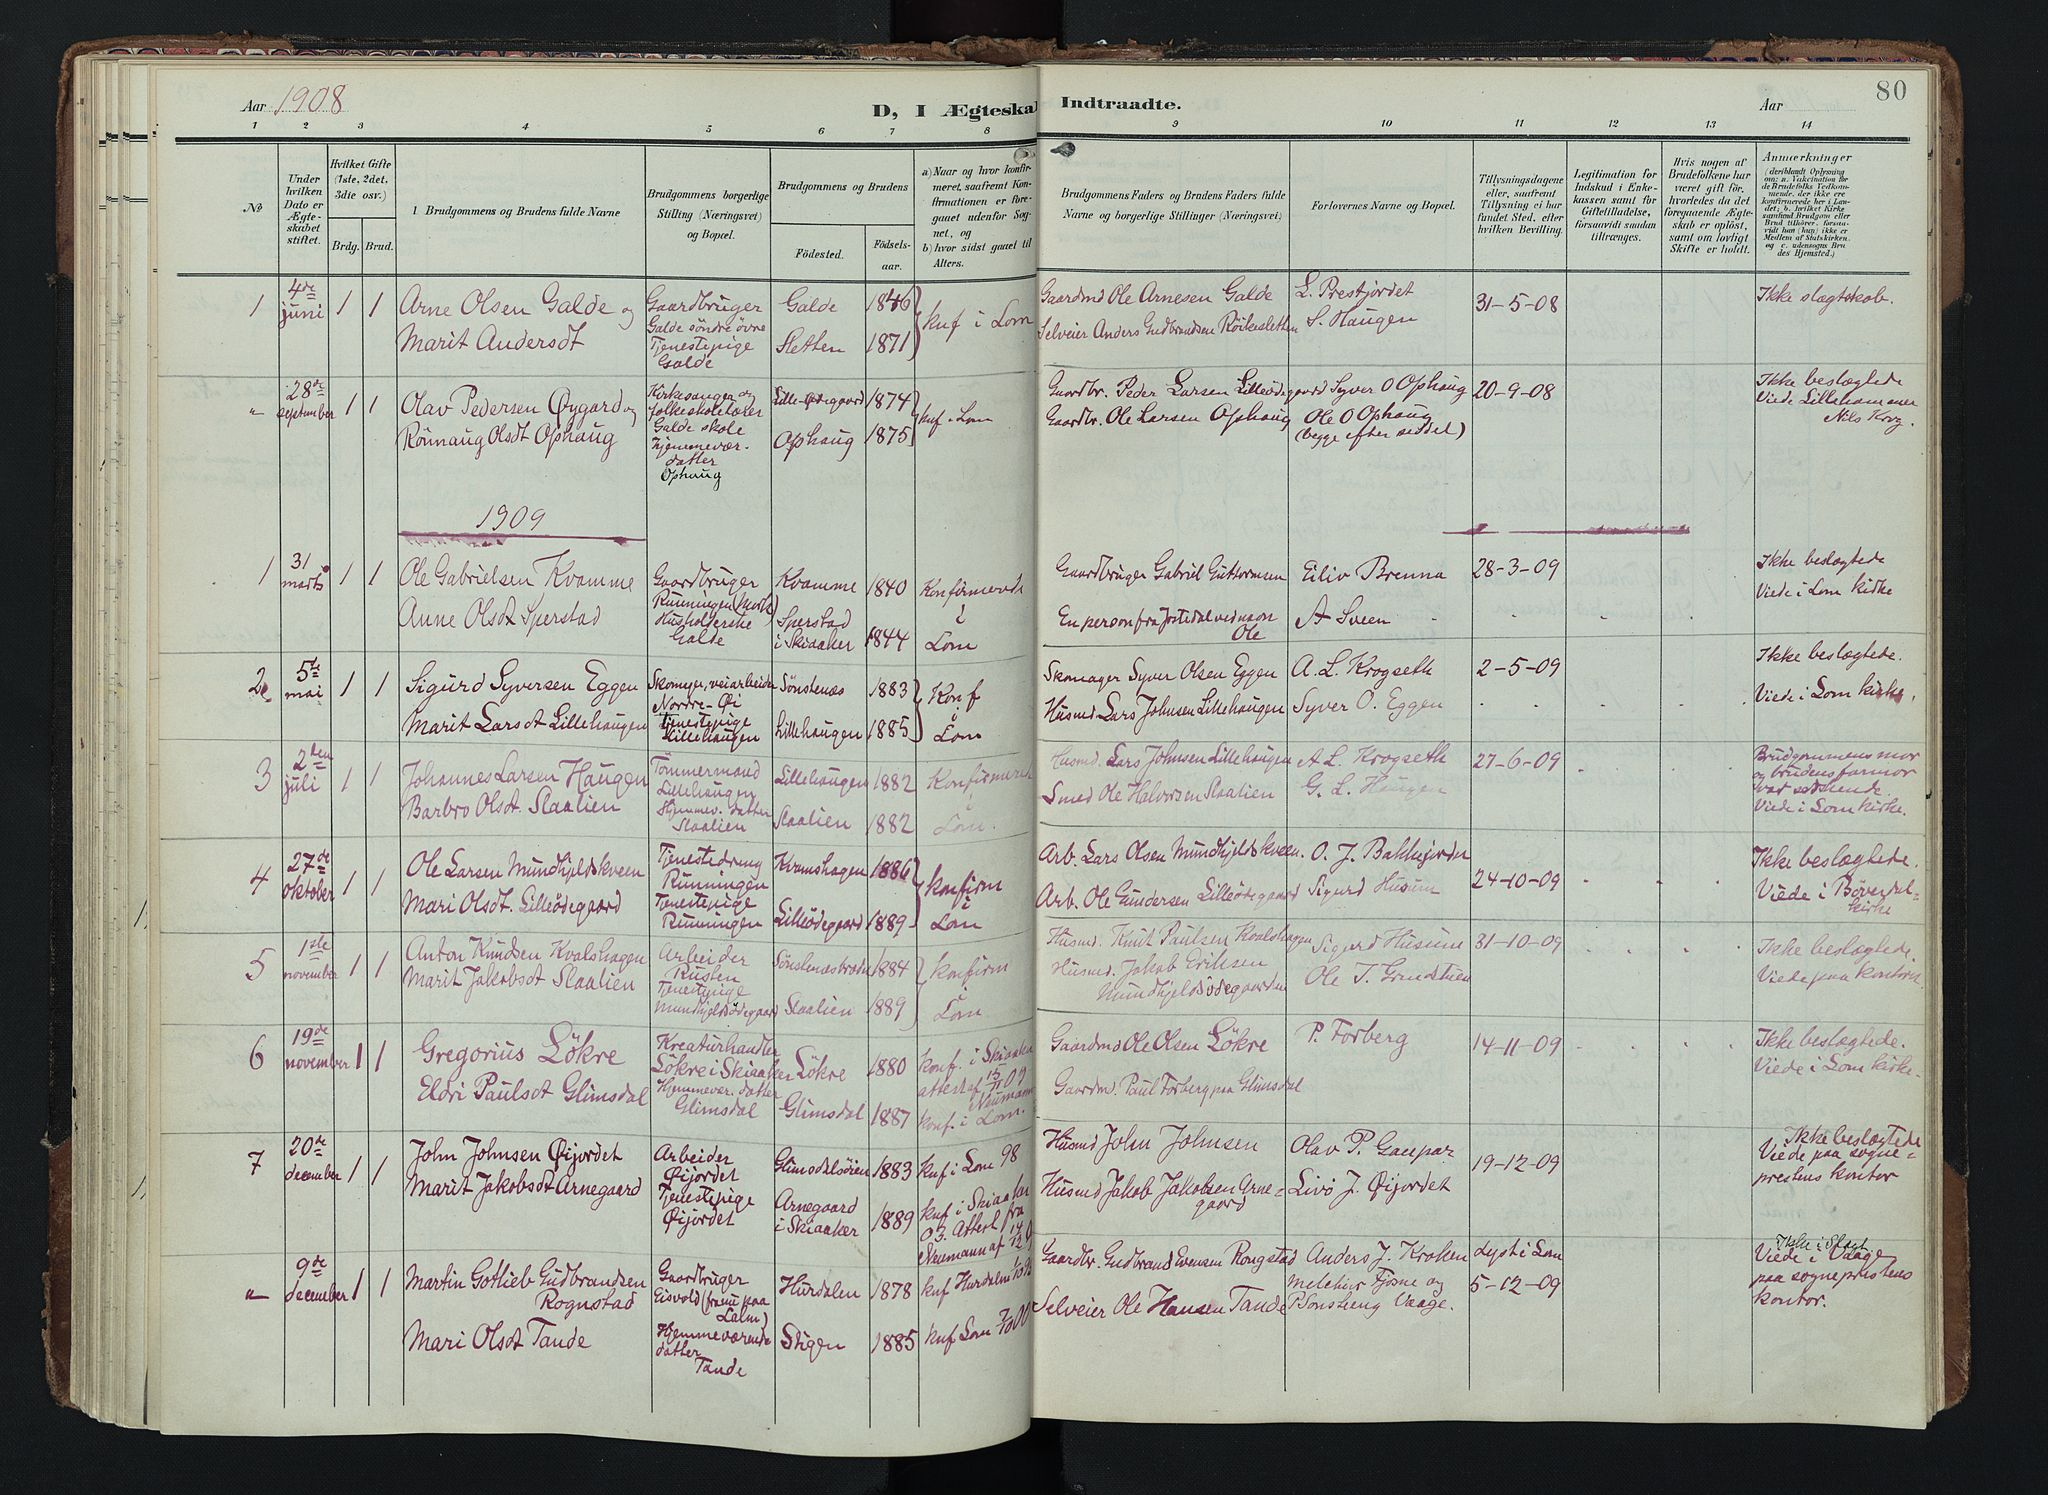 SAH, Lom prestekontor, K/L0012: Ministerialbok nr. 12, 1904-1928, s. 80